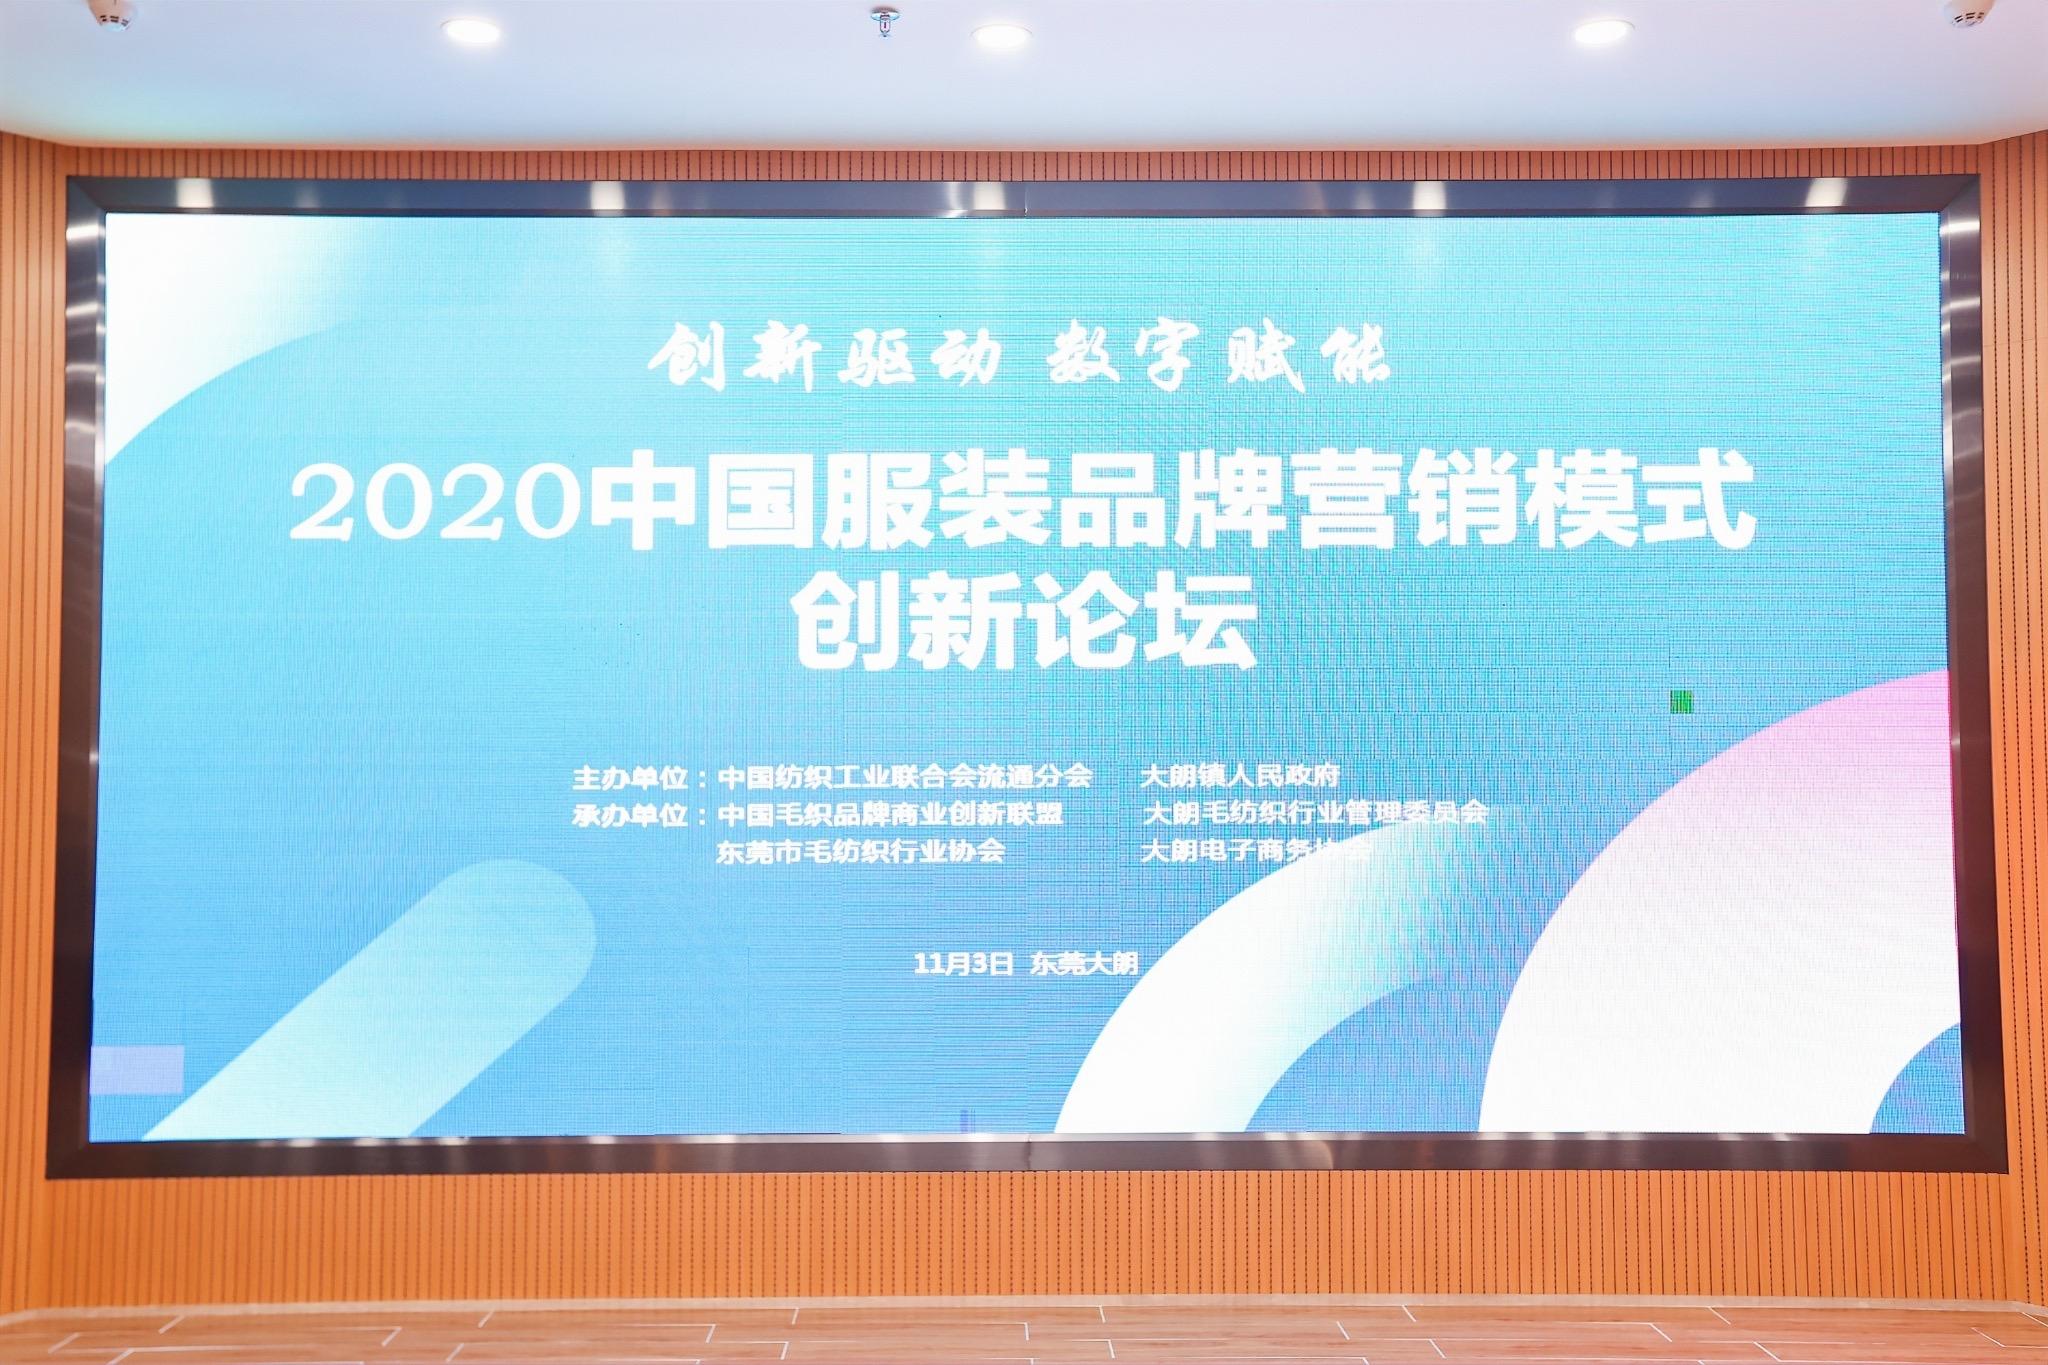 2020中国服装品牌营销模式创新论坛